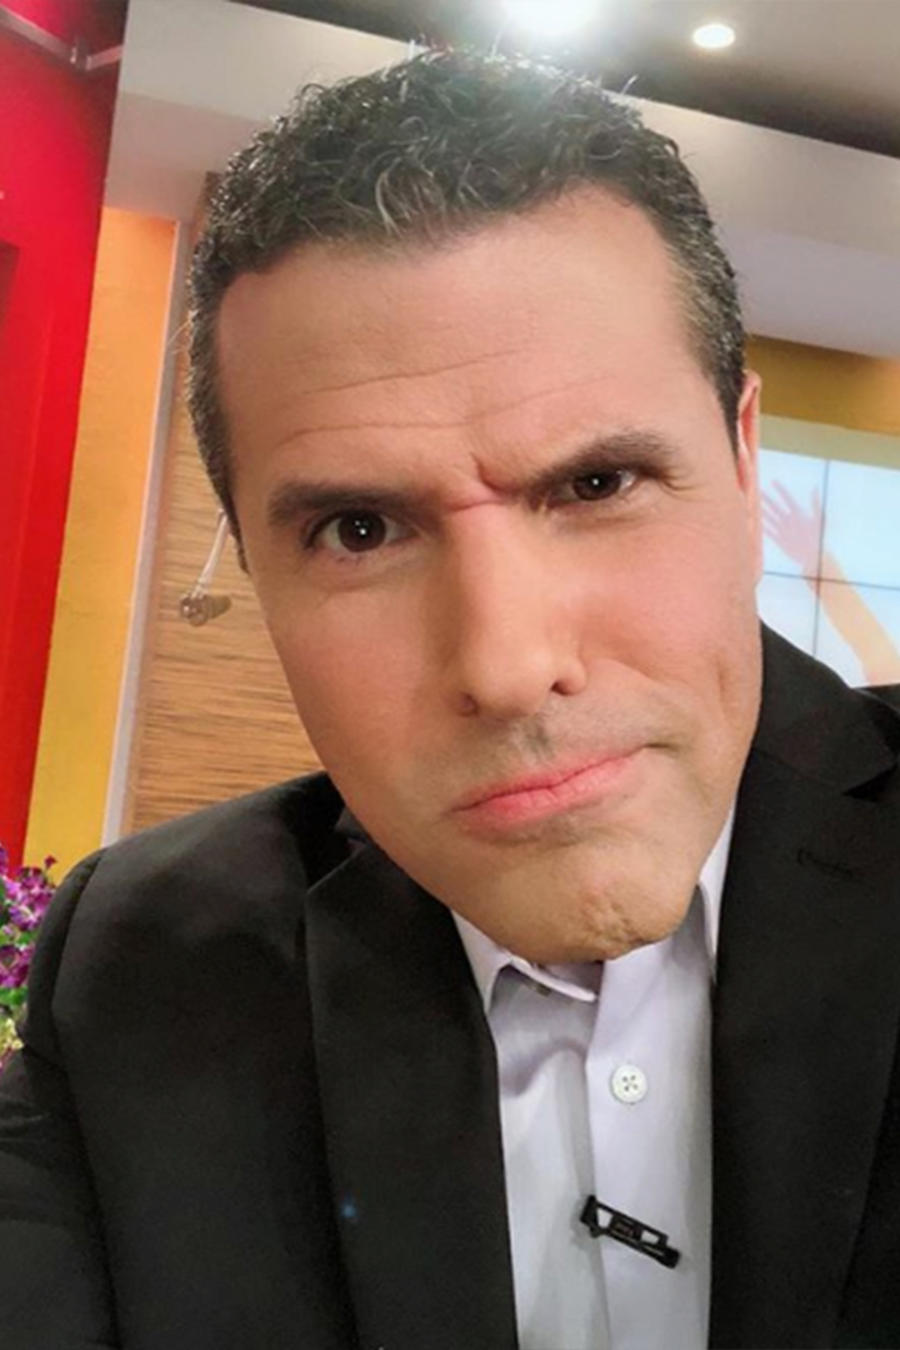 Conoce las predicciones astrales para Marco Antonio Regil, ¡el soltero más codiciado!